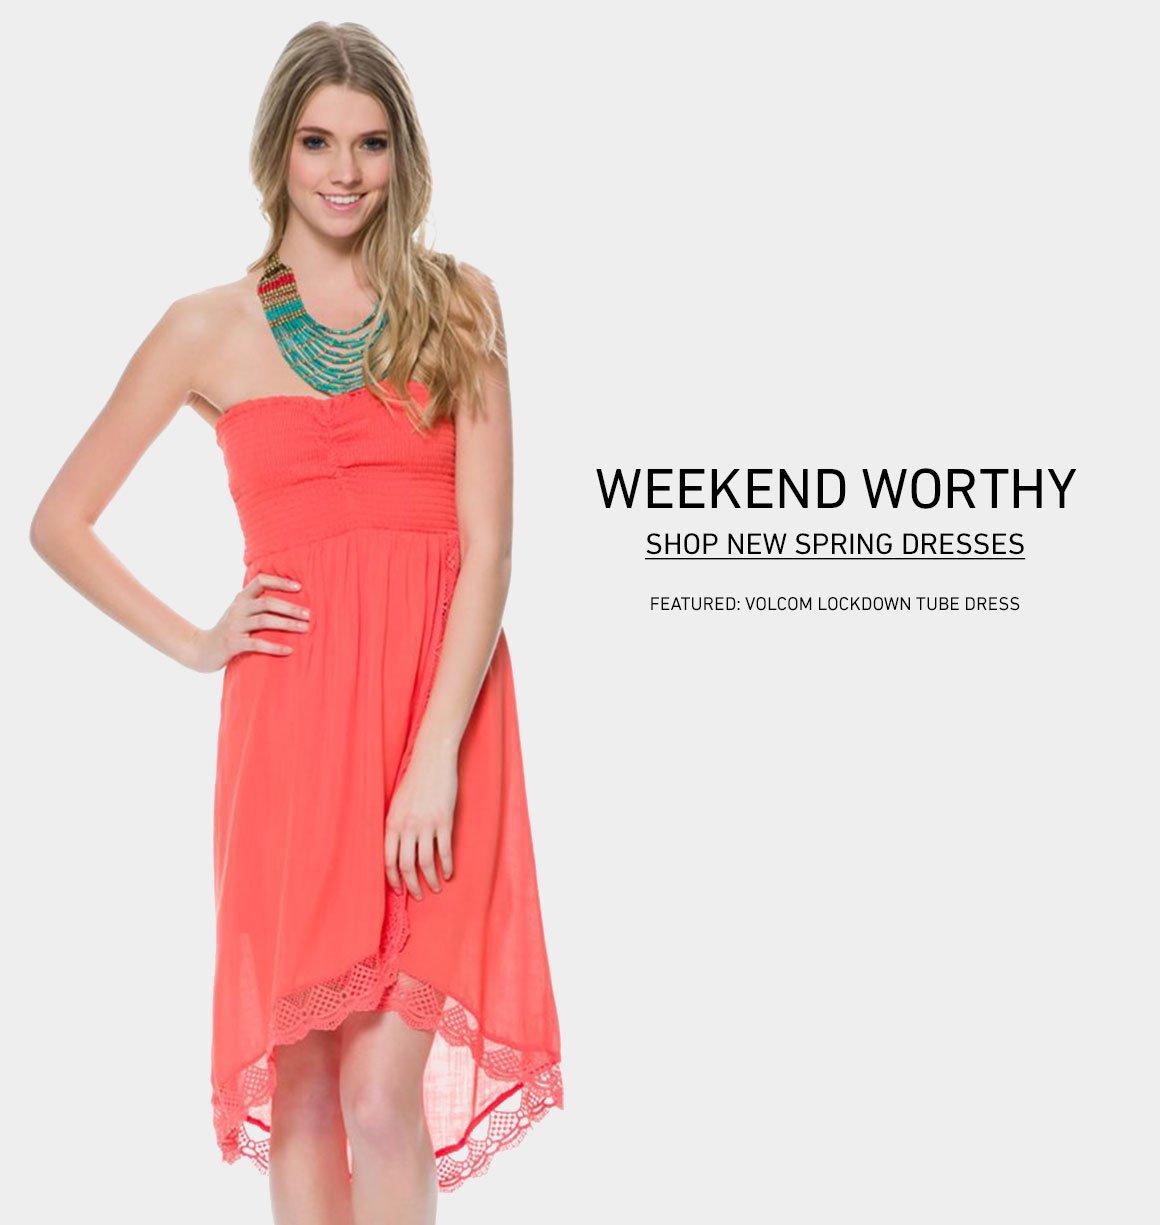 Weekend Worthy: New Spring Dresses